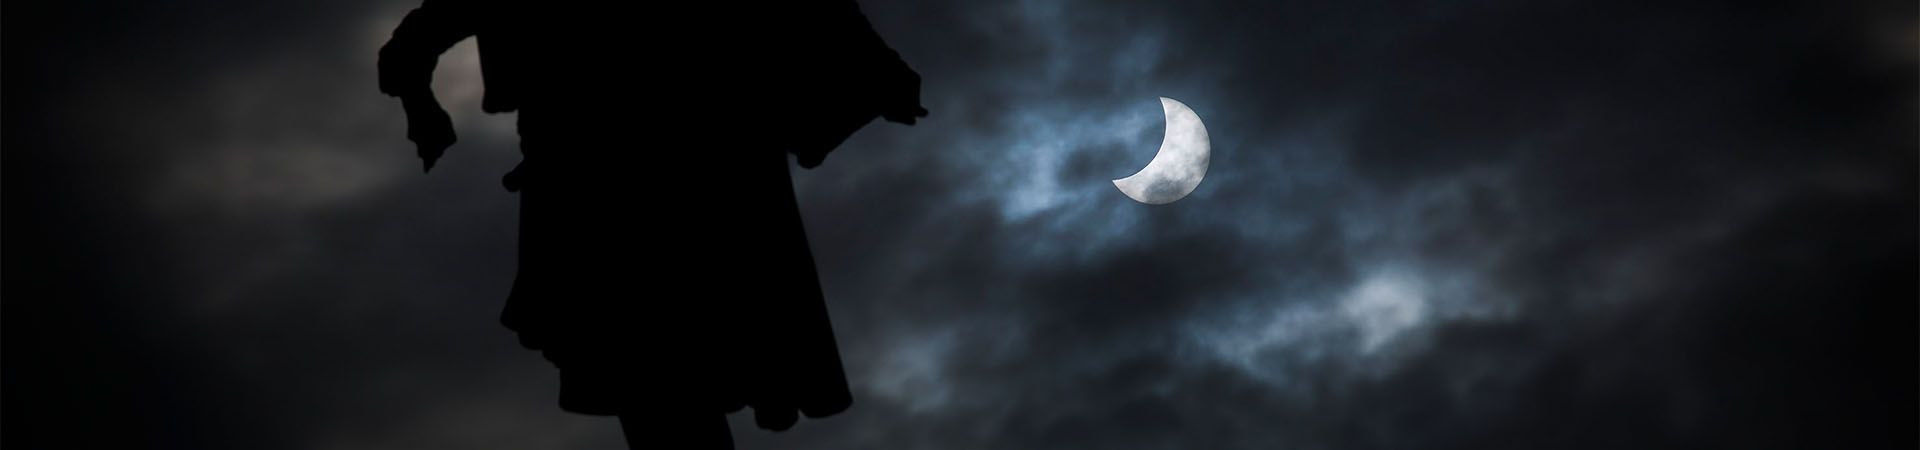 La estátua de Colón (Barcelona) señala el eclipse solar del 20 de marzo de 2015. Foto: Pere Virgili